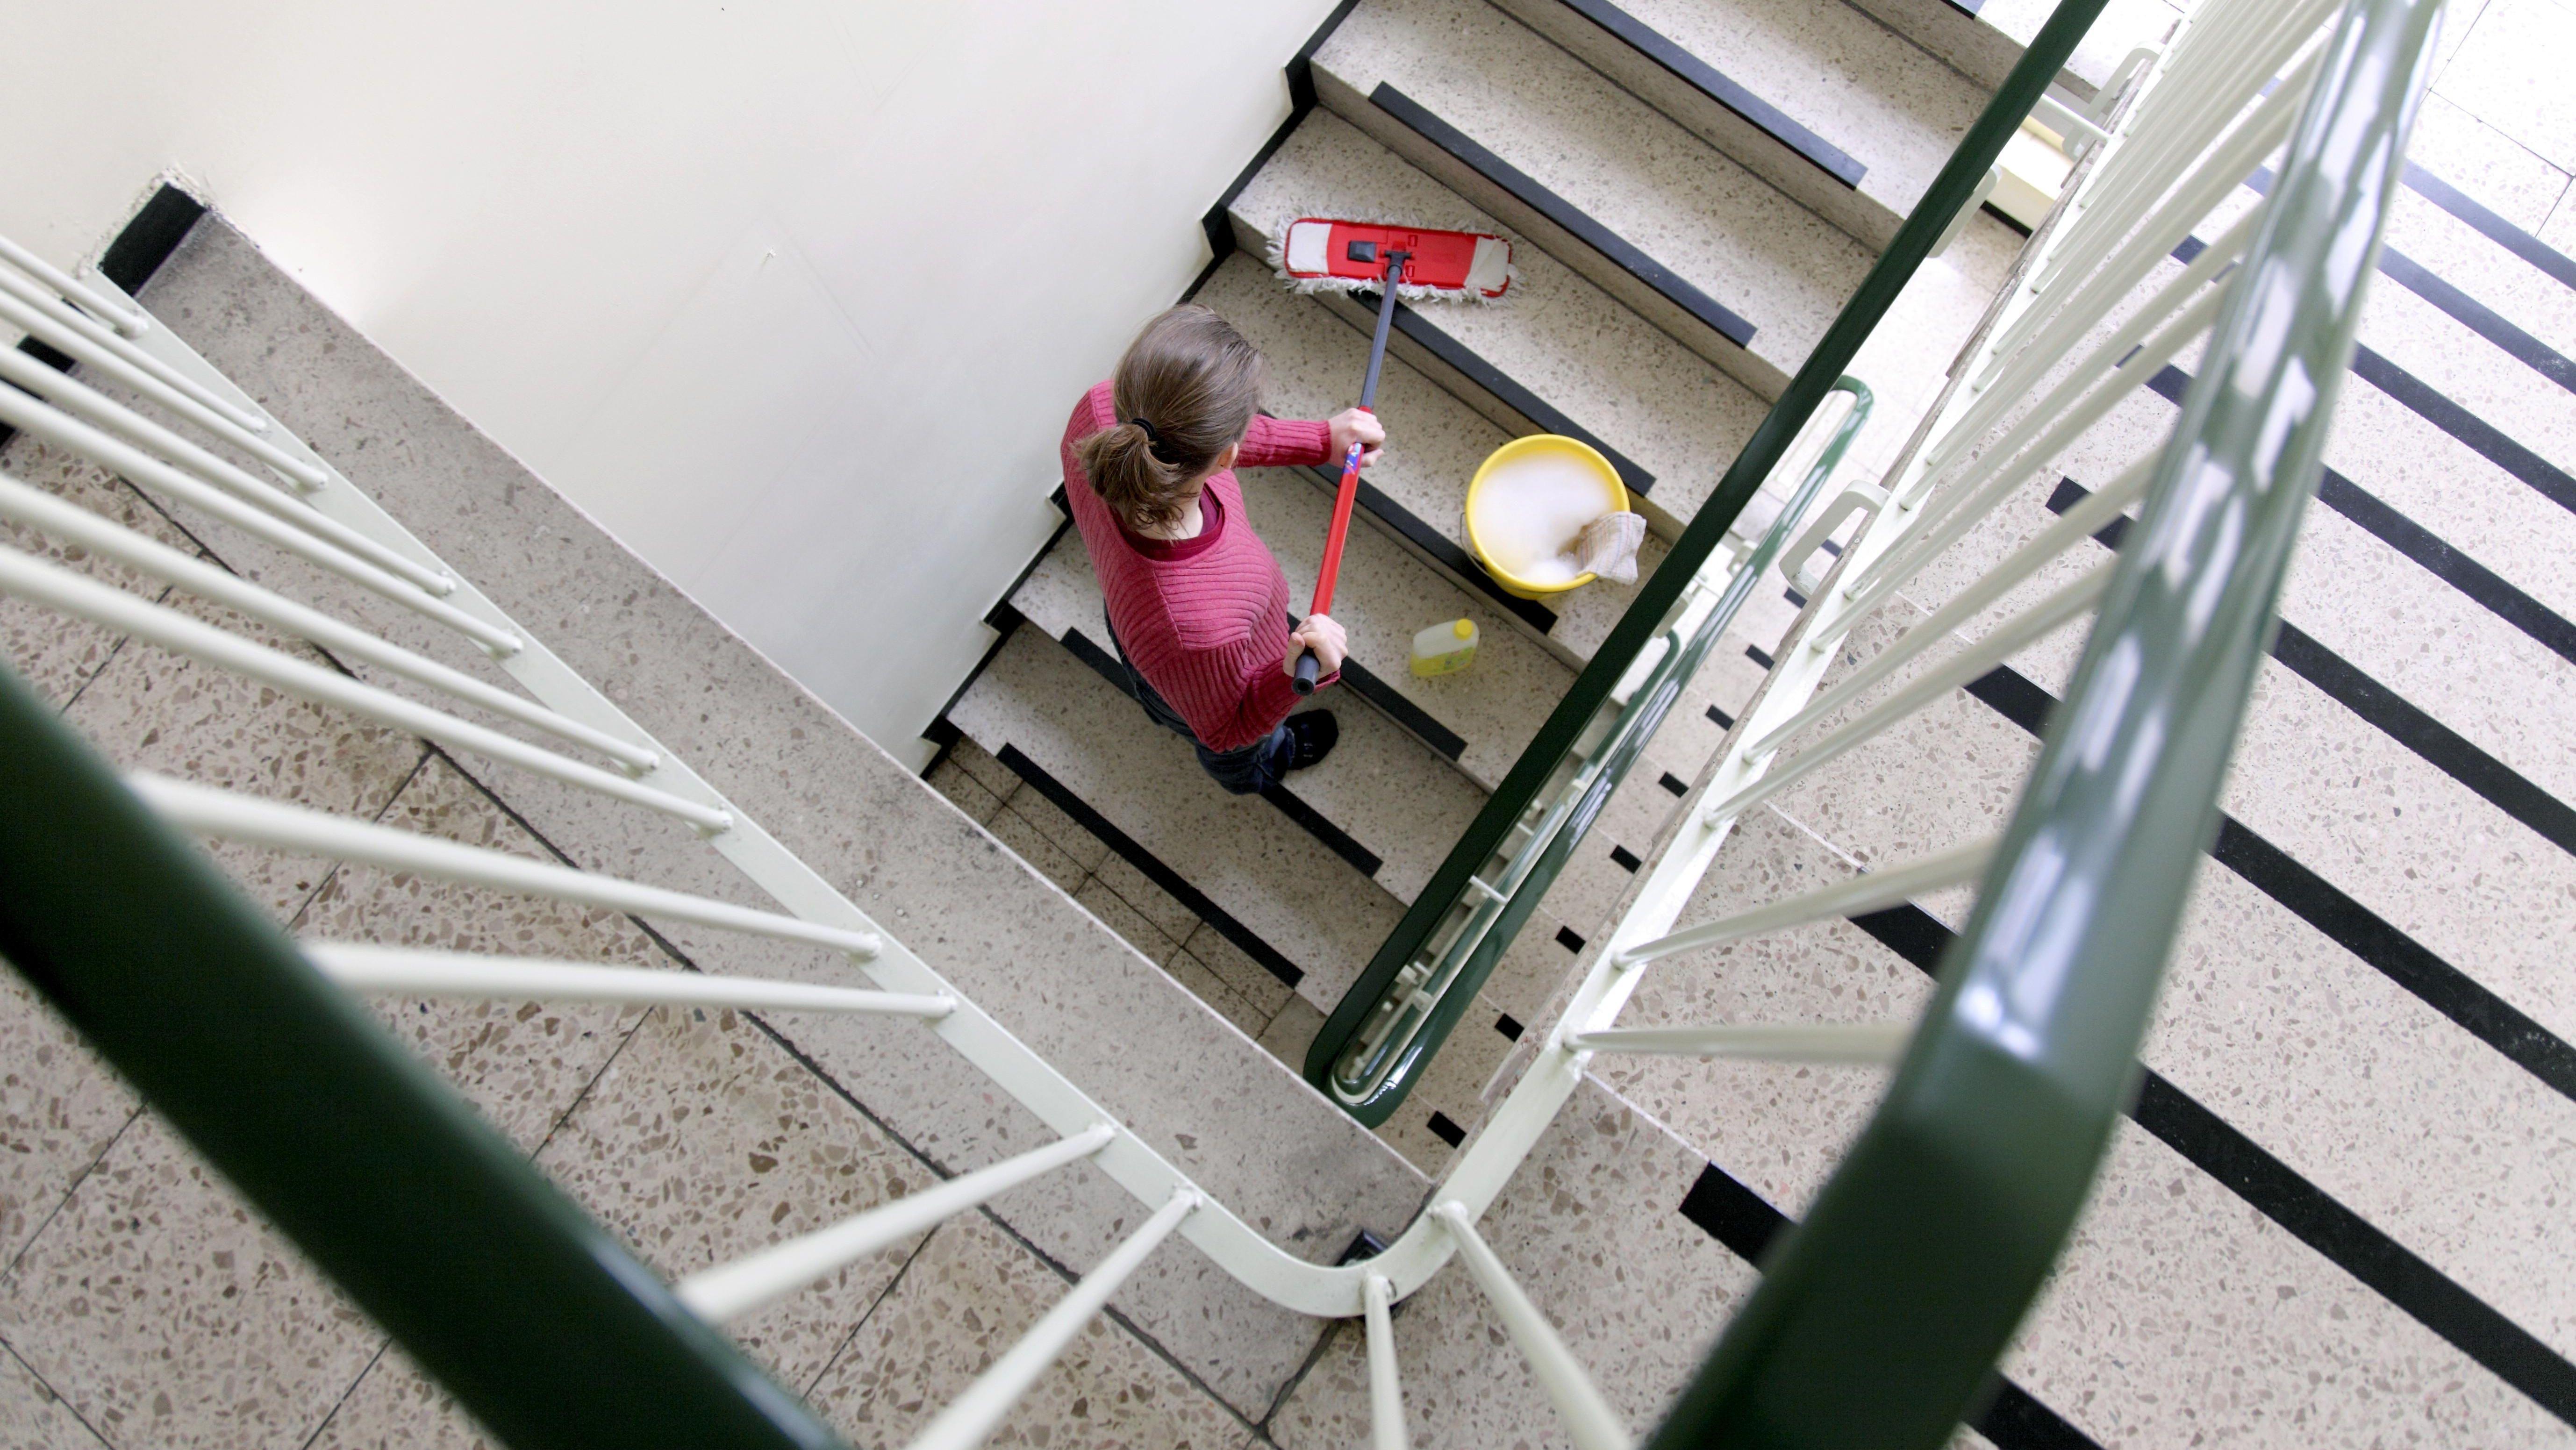 Putzfrau reinigt ein Treppenhaus